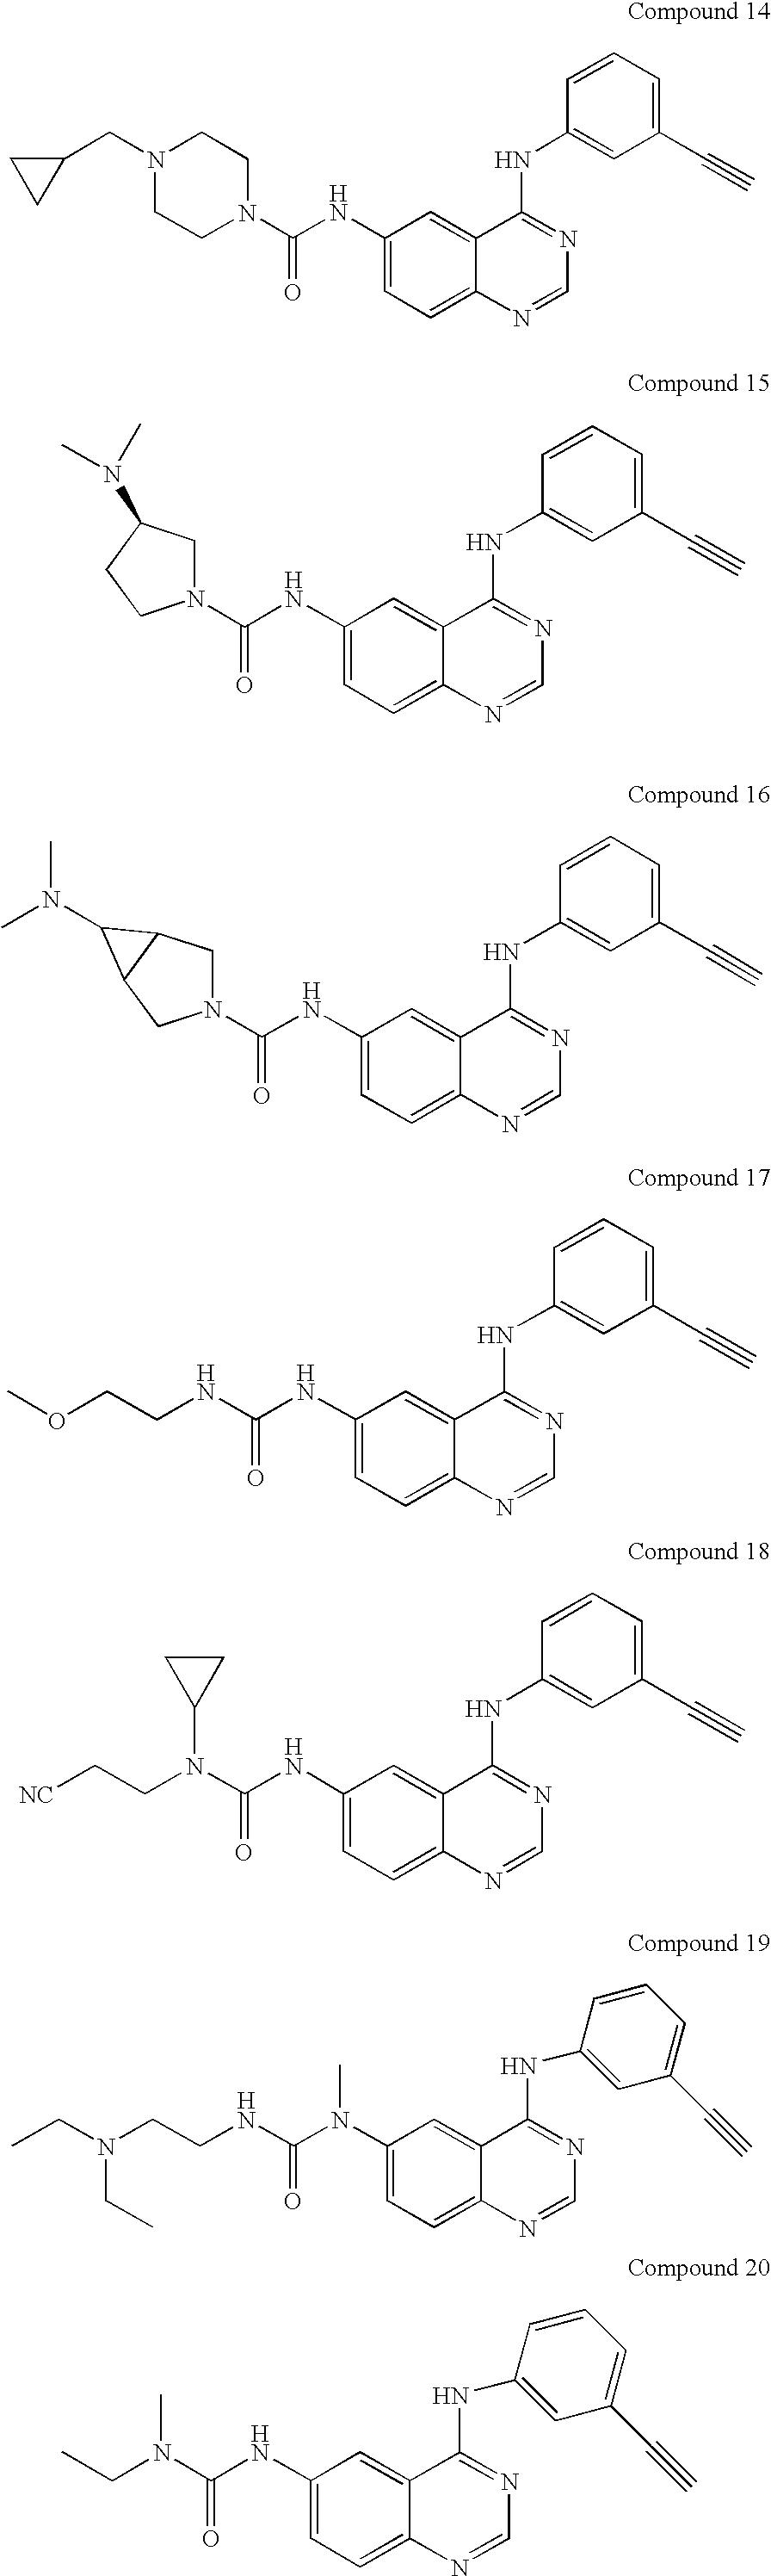 Figure US08426430-20130423-C00012